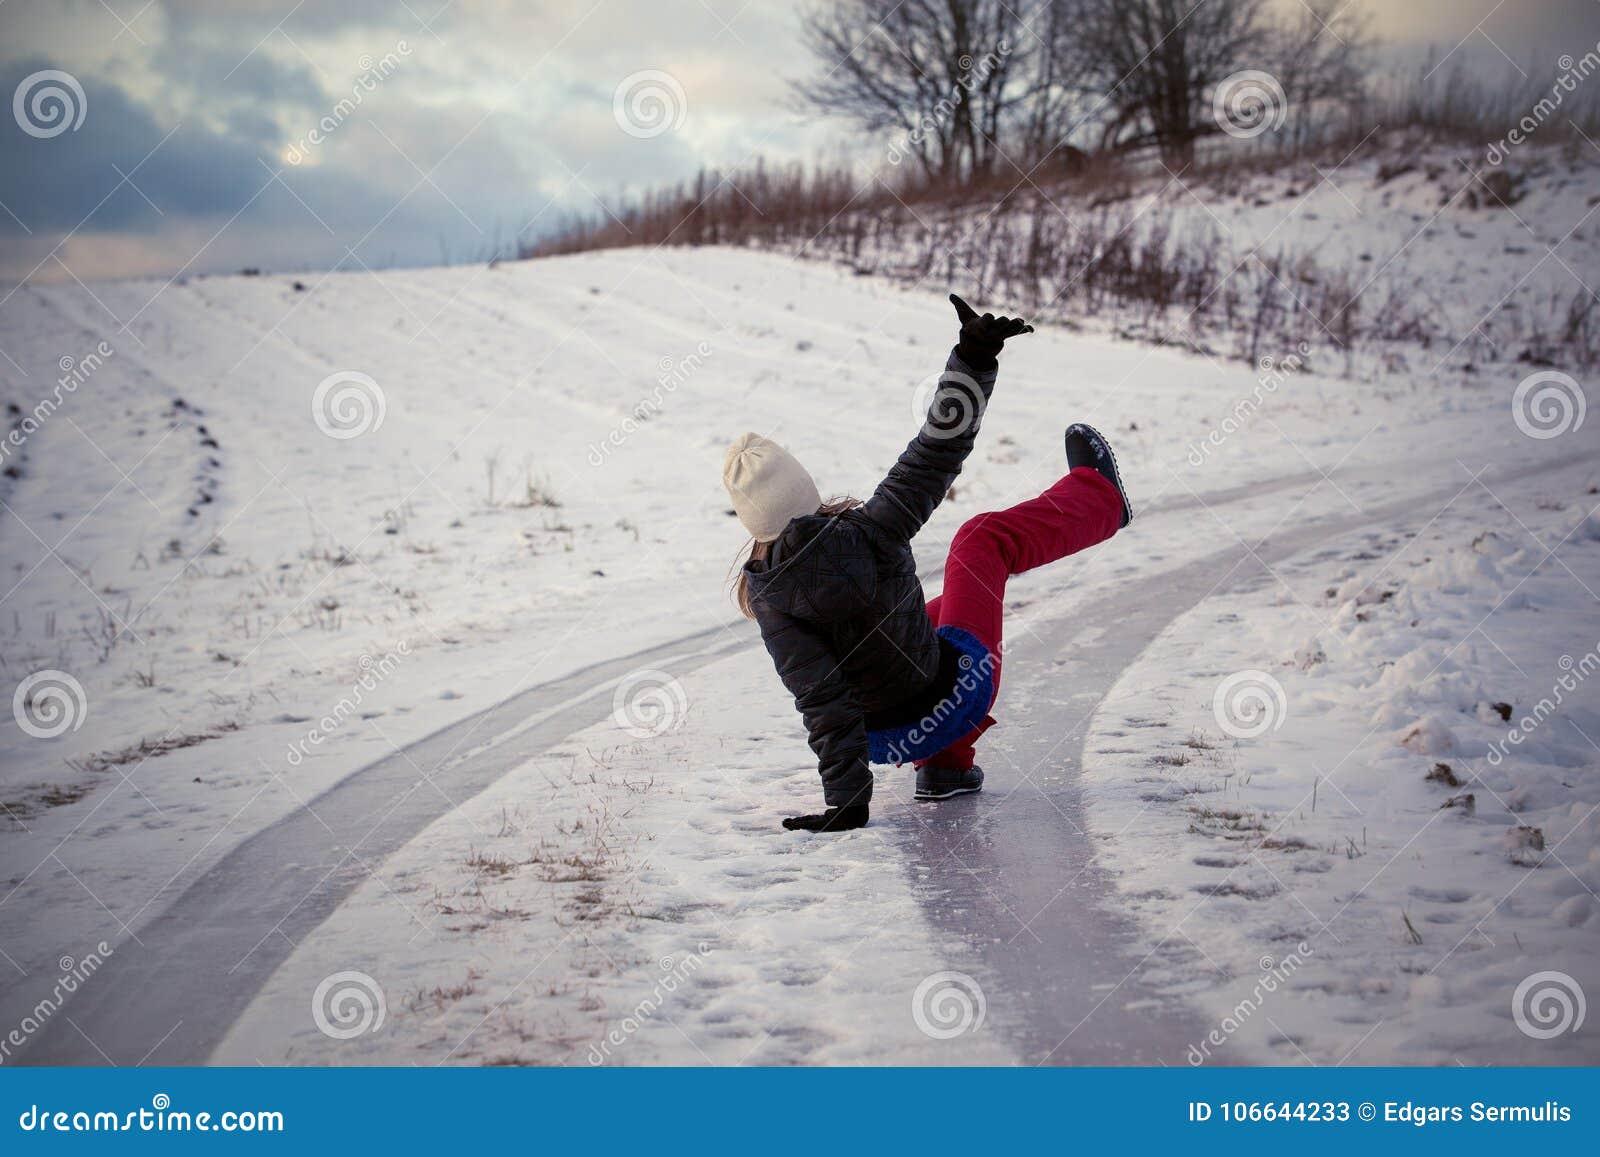 Halka på den hala isen och snöa på vägspåret på landet, i att frysa vinterdag